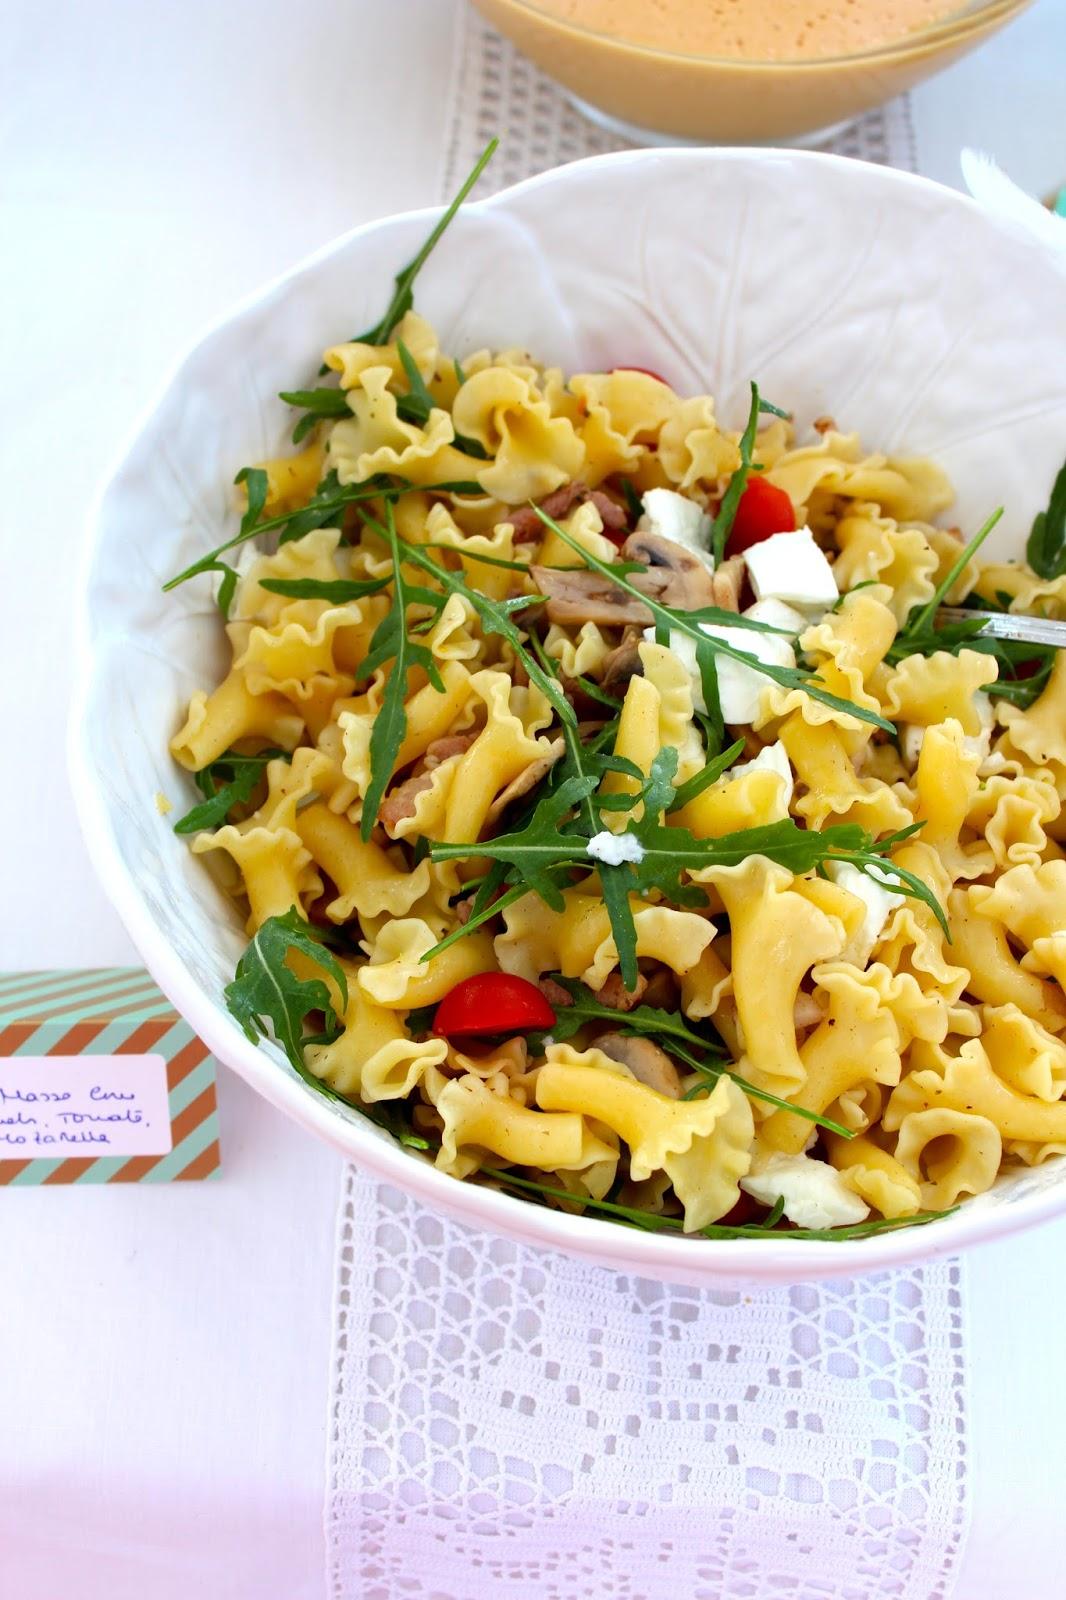 Salada de Massa com Bacon, Cogumelos, Tomate Cereja, Rucula e Mozarella e o Primeiro Anivers�rio do Ant�nio